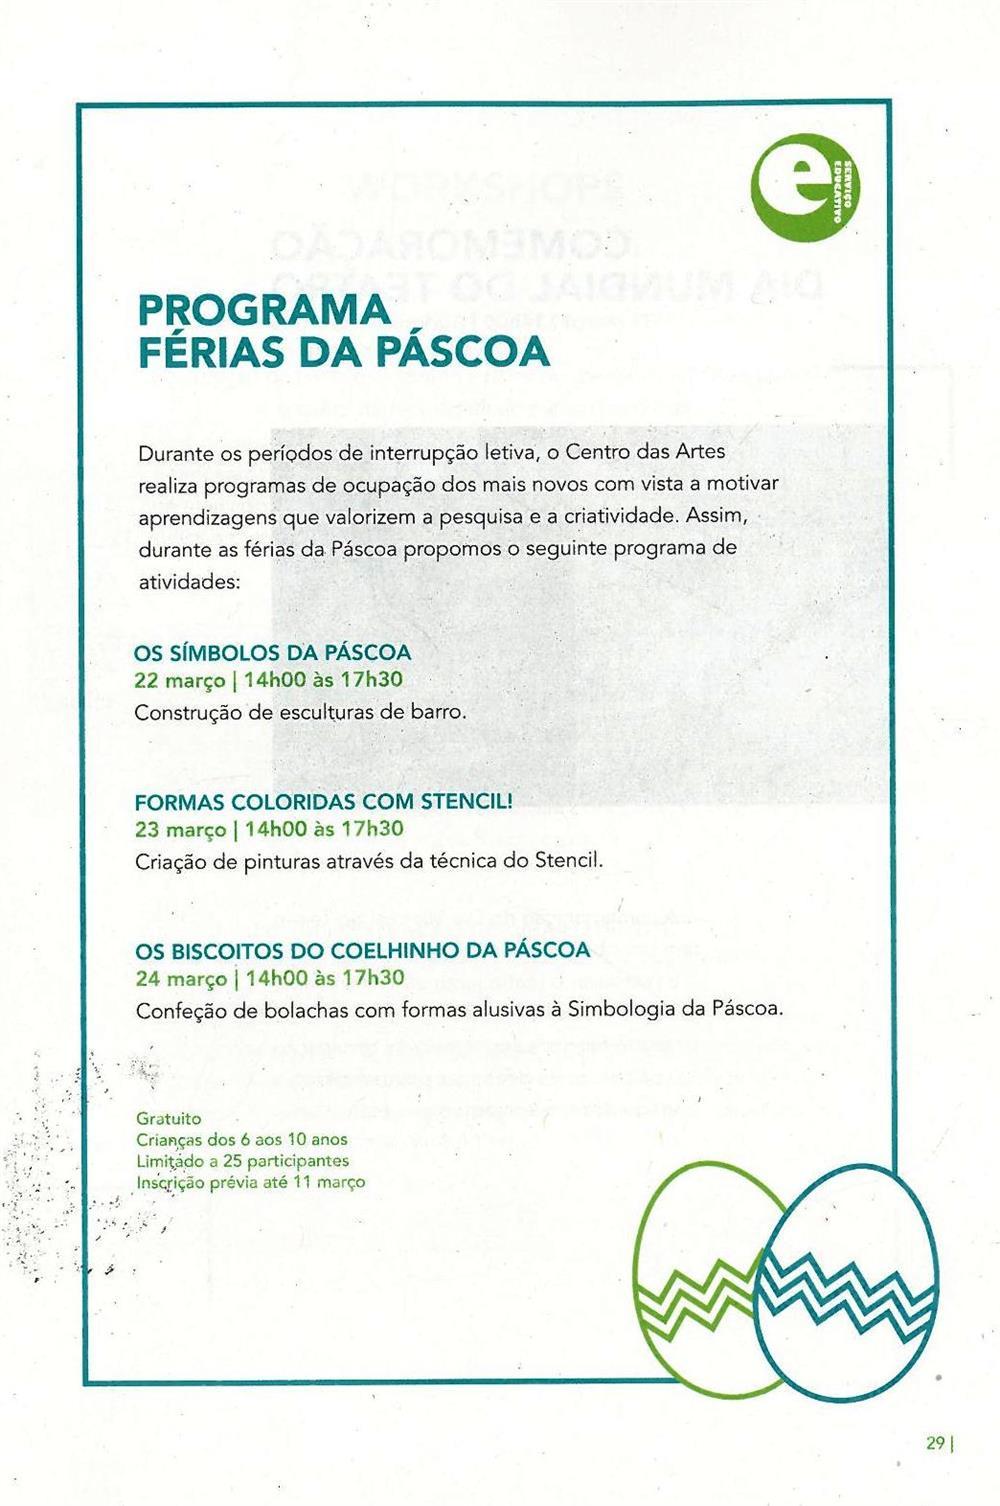 ACMSV-jan.,fev.,mar.'16-p.29-Programa Férias da Páscoa : os símbolos da Páscoa : formas coloridas com stencil : os biscoitos do coelhinho da Páscoa.jpg